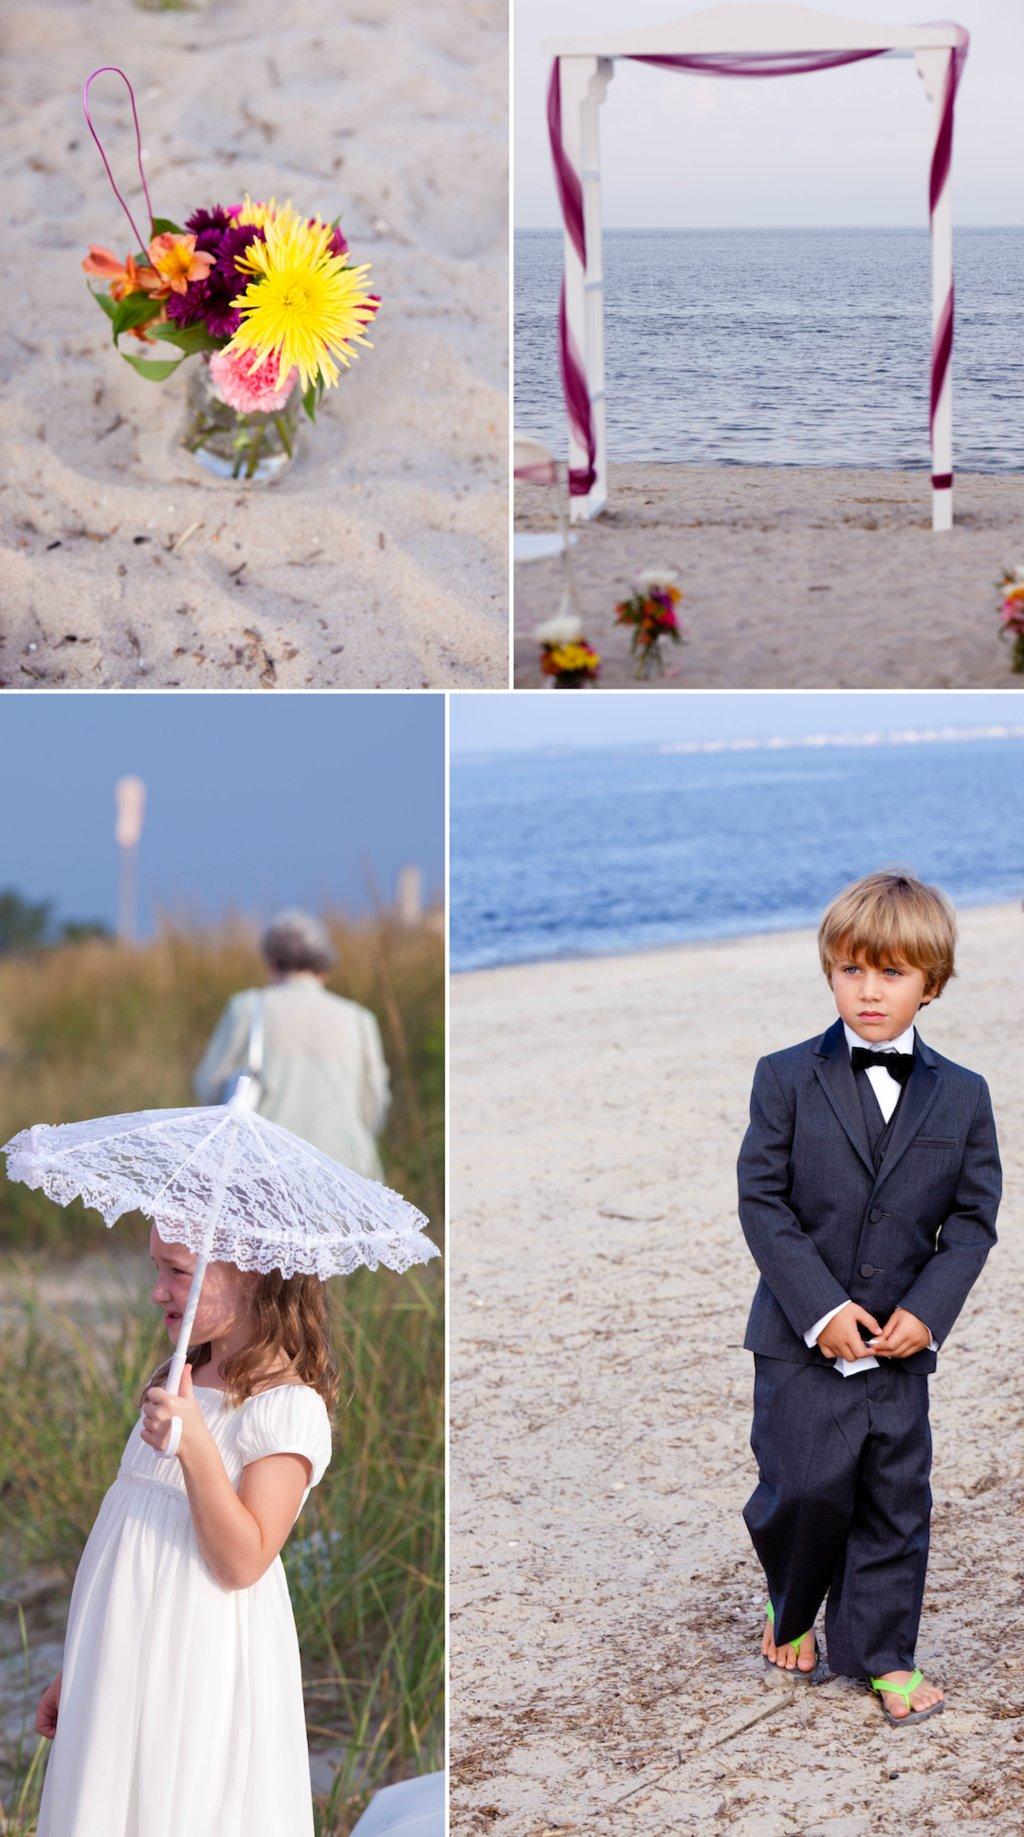 Simple-beach-wedding-in-delaware-adorable-ring-bearer-flower-girl.full